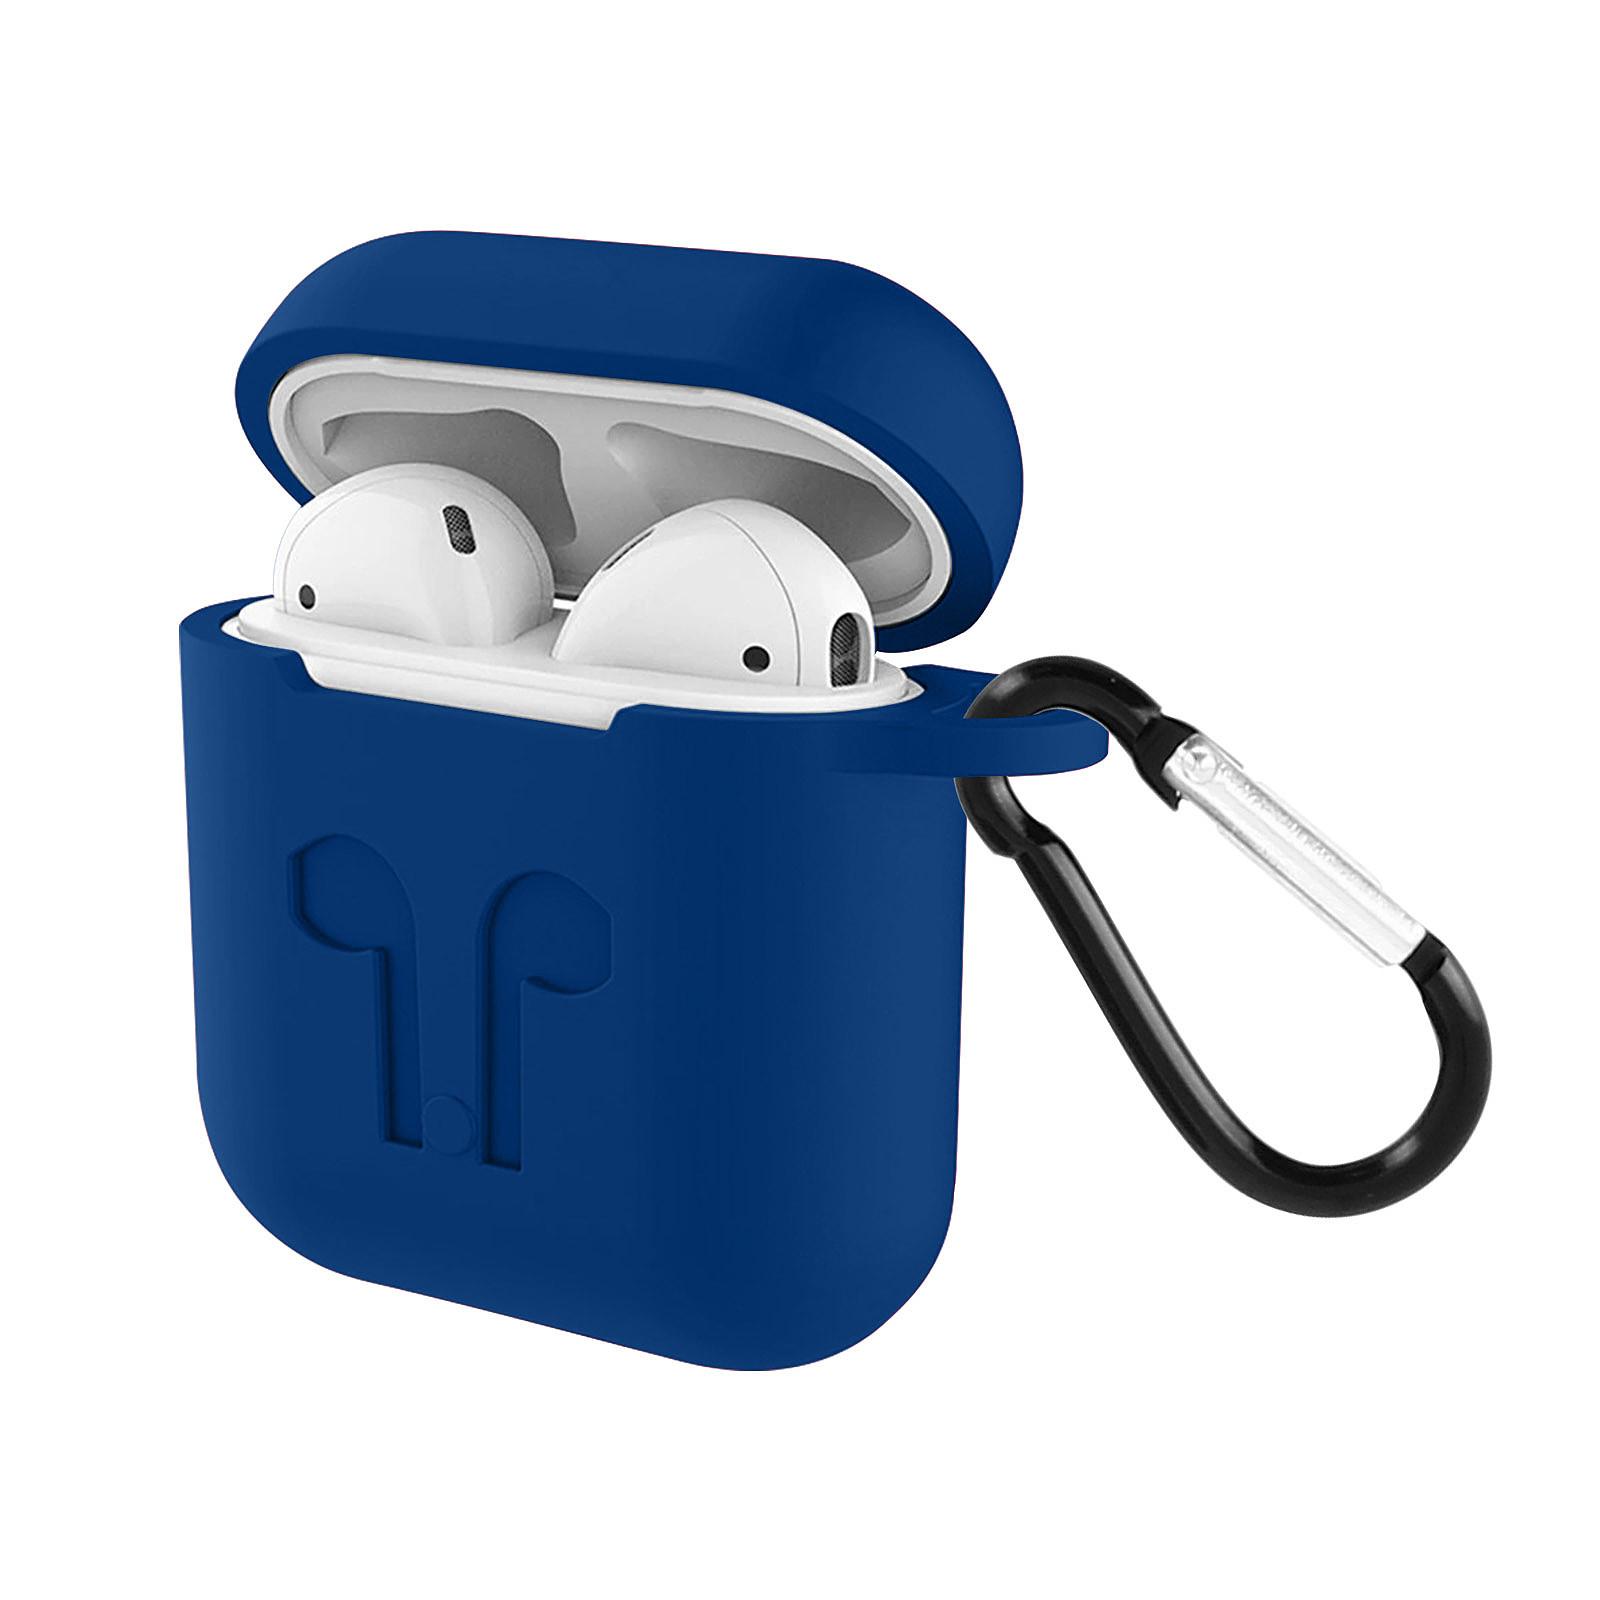 Avizar Coque Bleu Nuit pour Apple AirPods 1 et 2